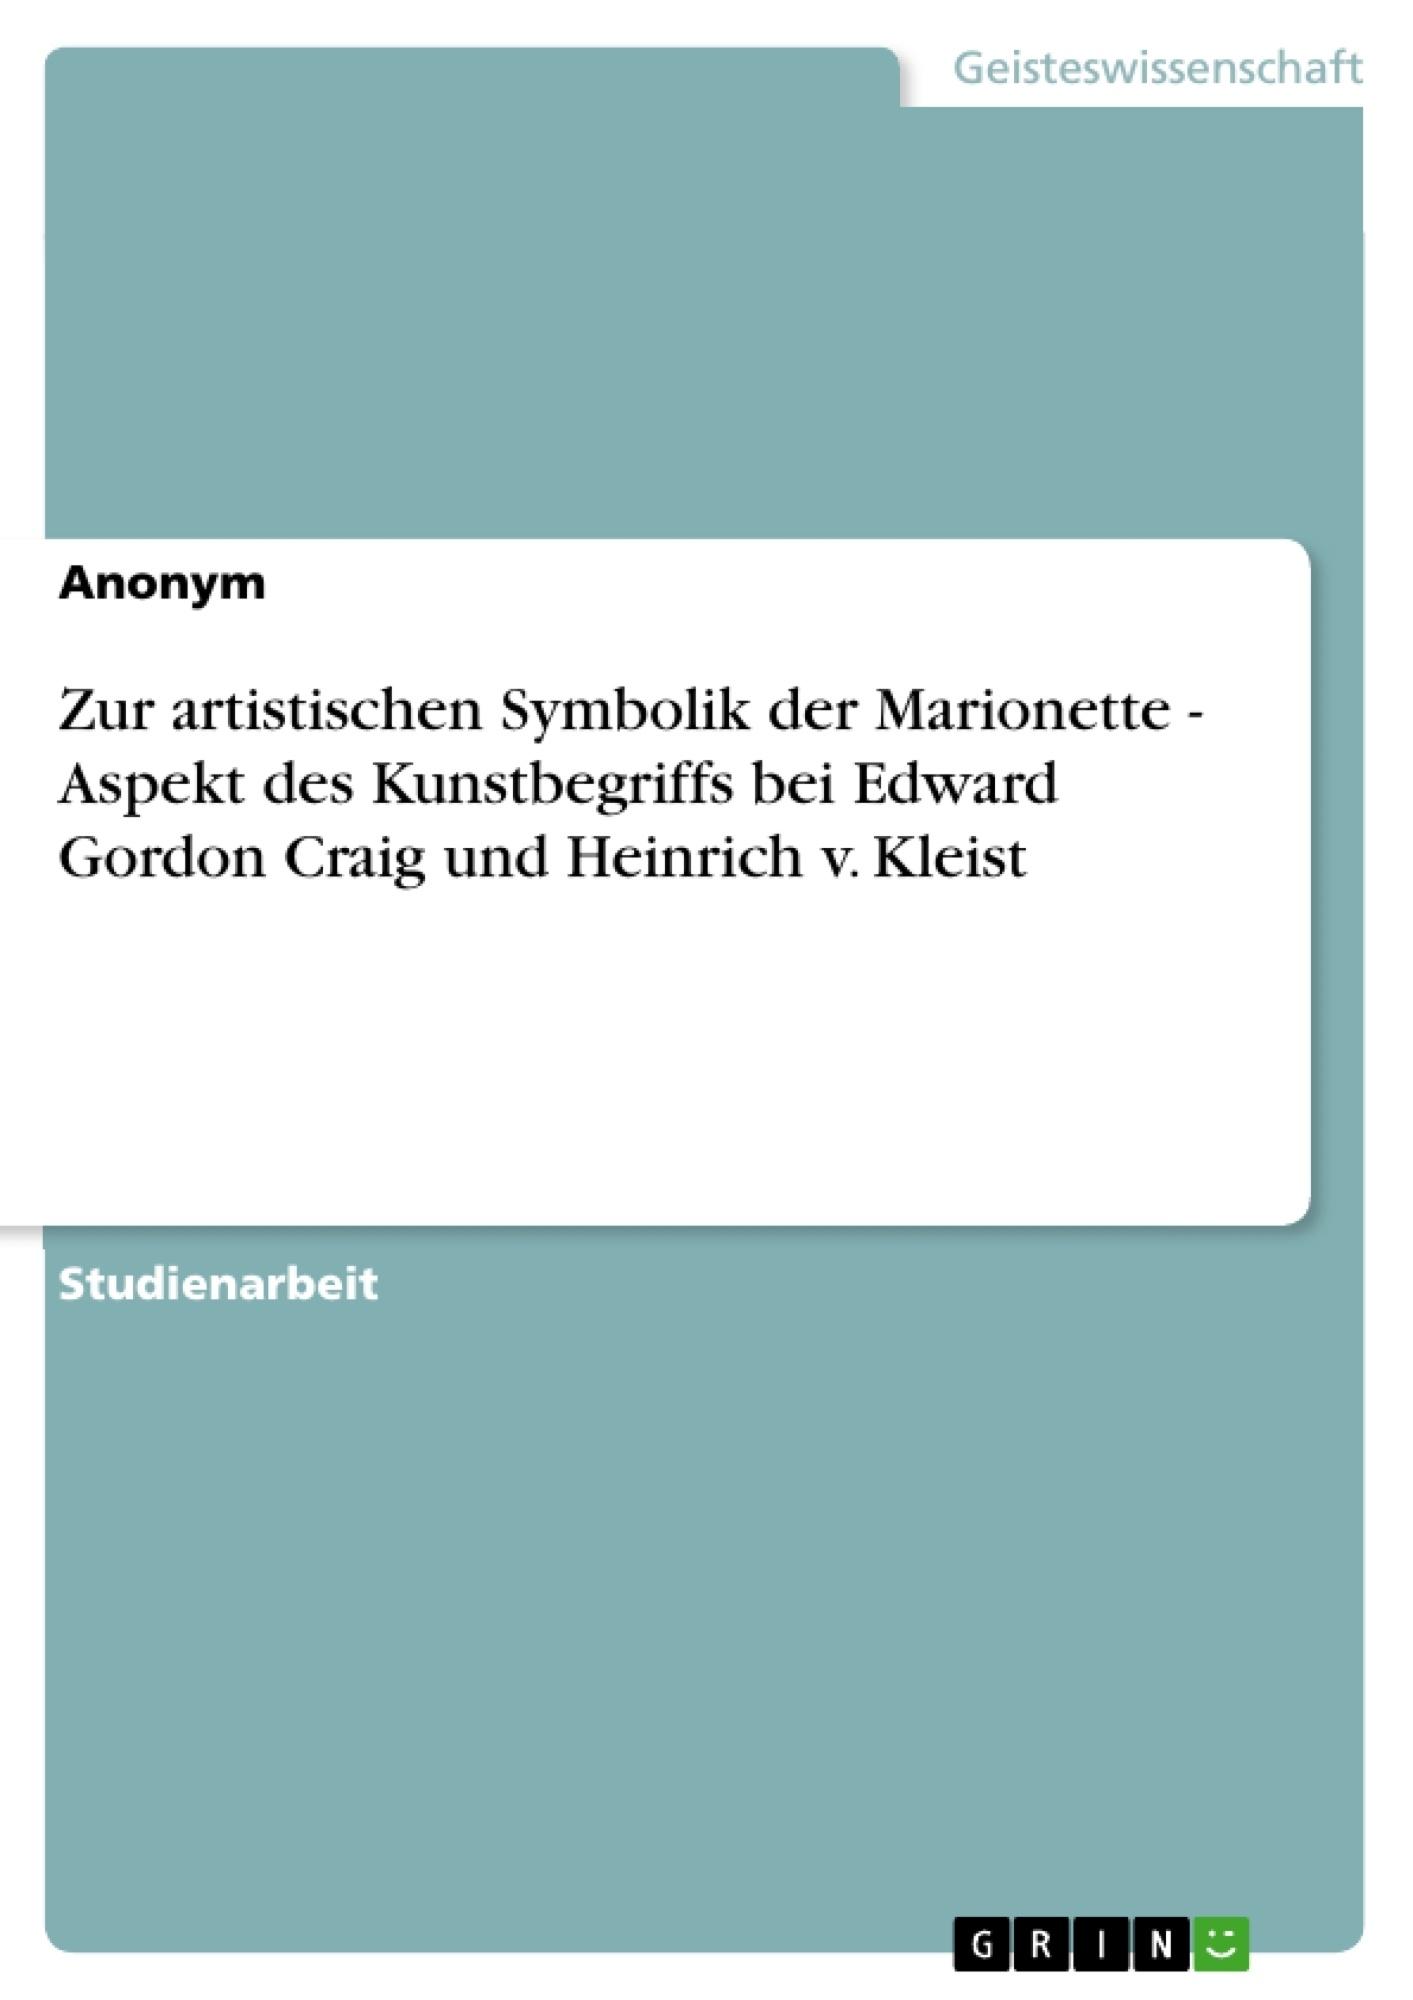 Titel: Zur artistischen Symbolik der Marionette - Aspekt des Kunstbegriffs bei Edward Gordon Craig und Heinrich v. Kleist